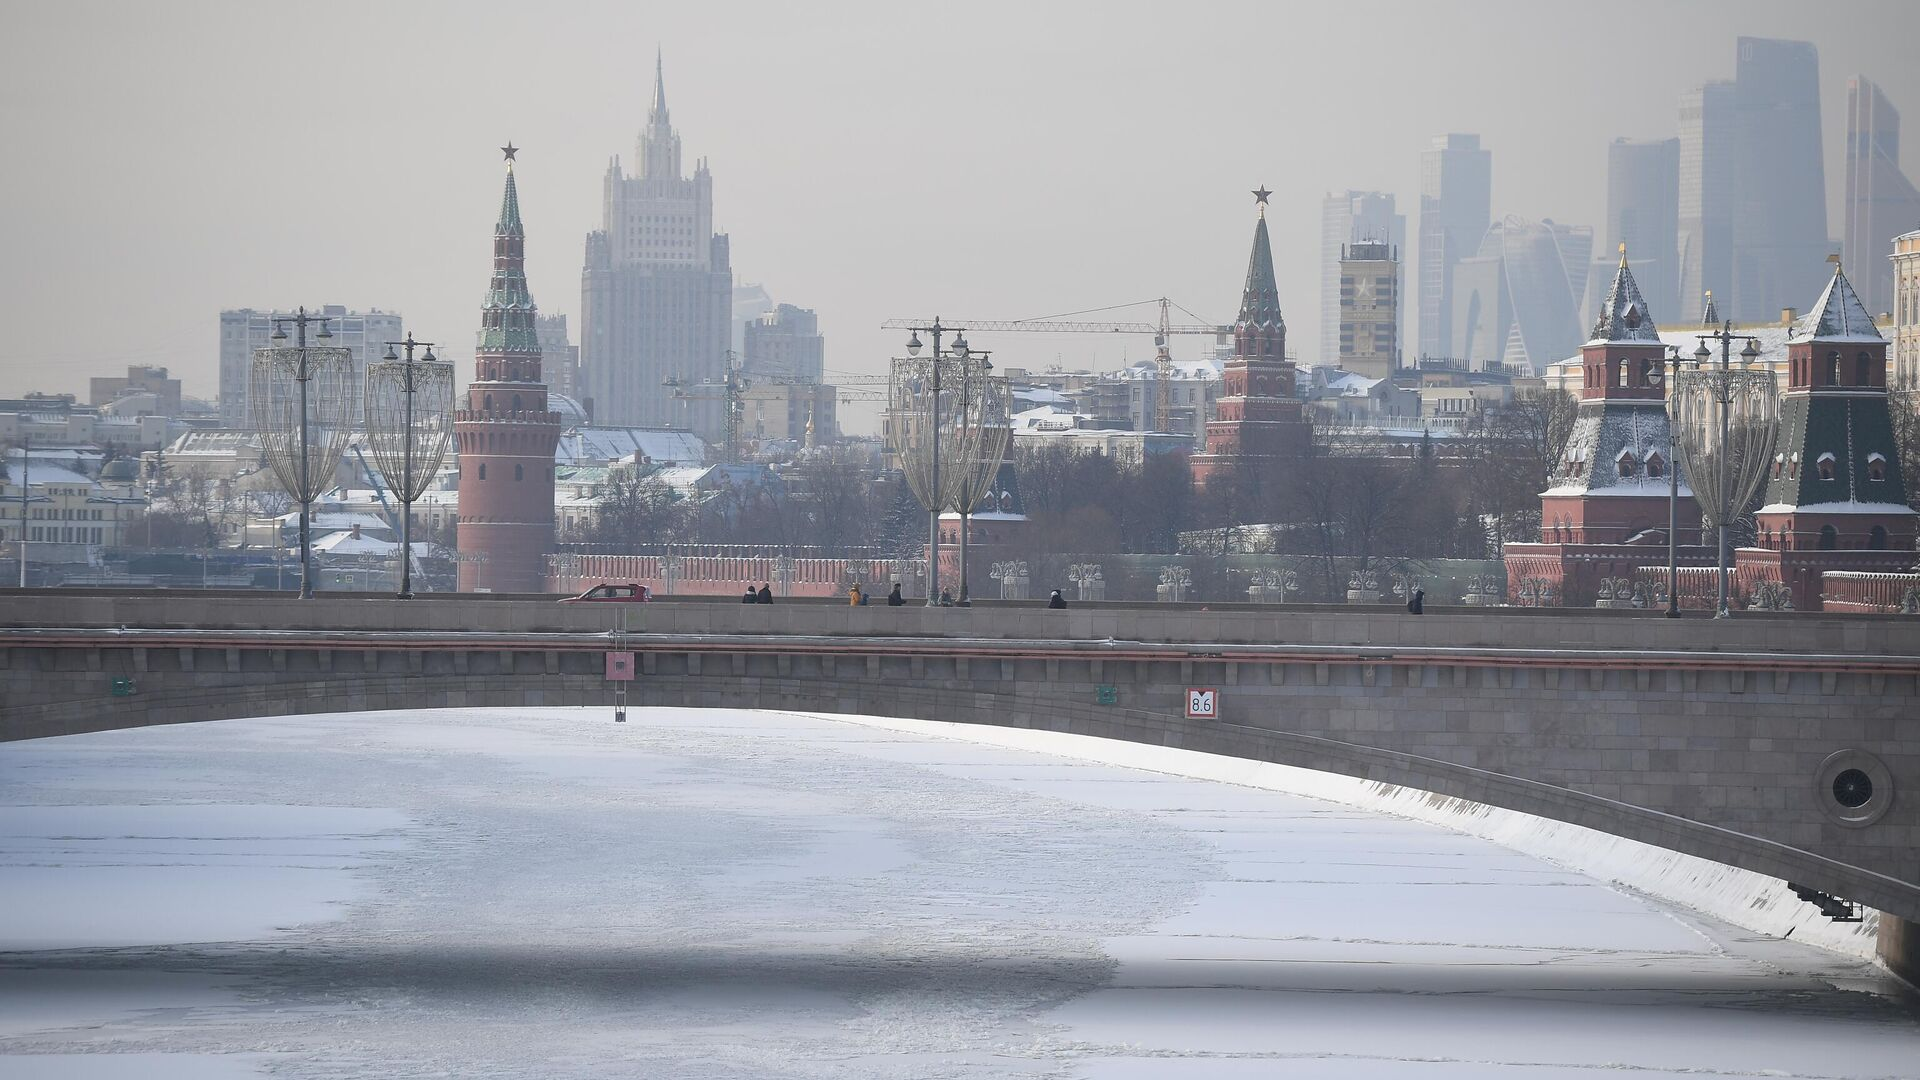 Большой Москворецкий мост в Москве - РИА Новости, 1920, 21.01.2021